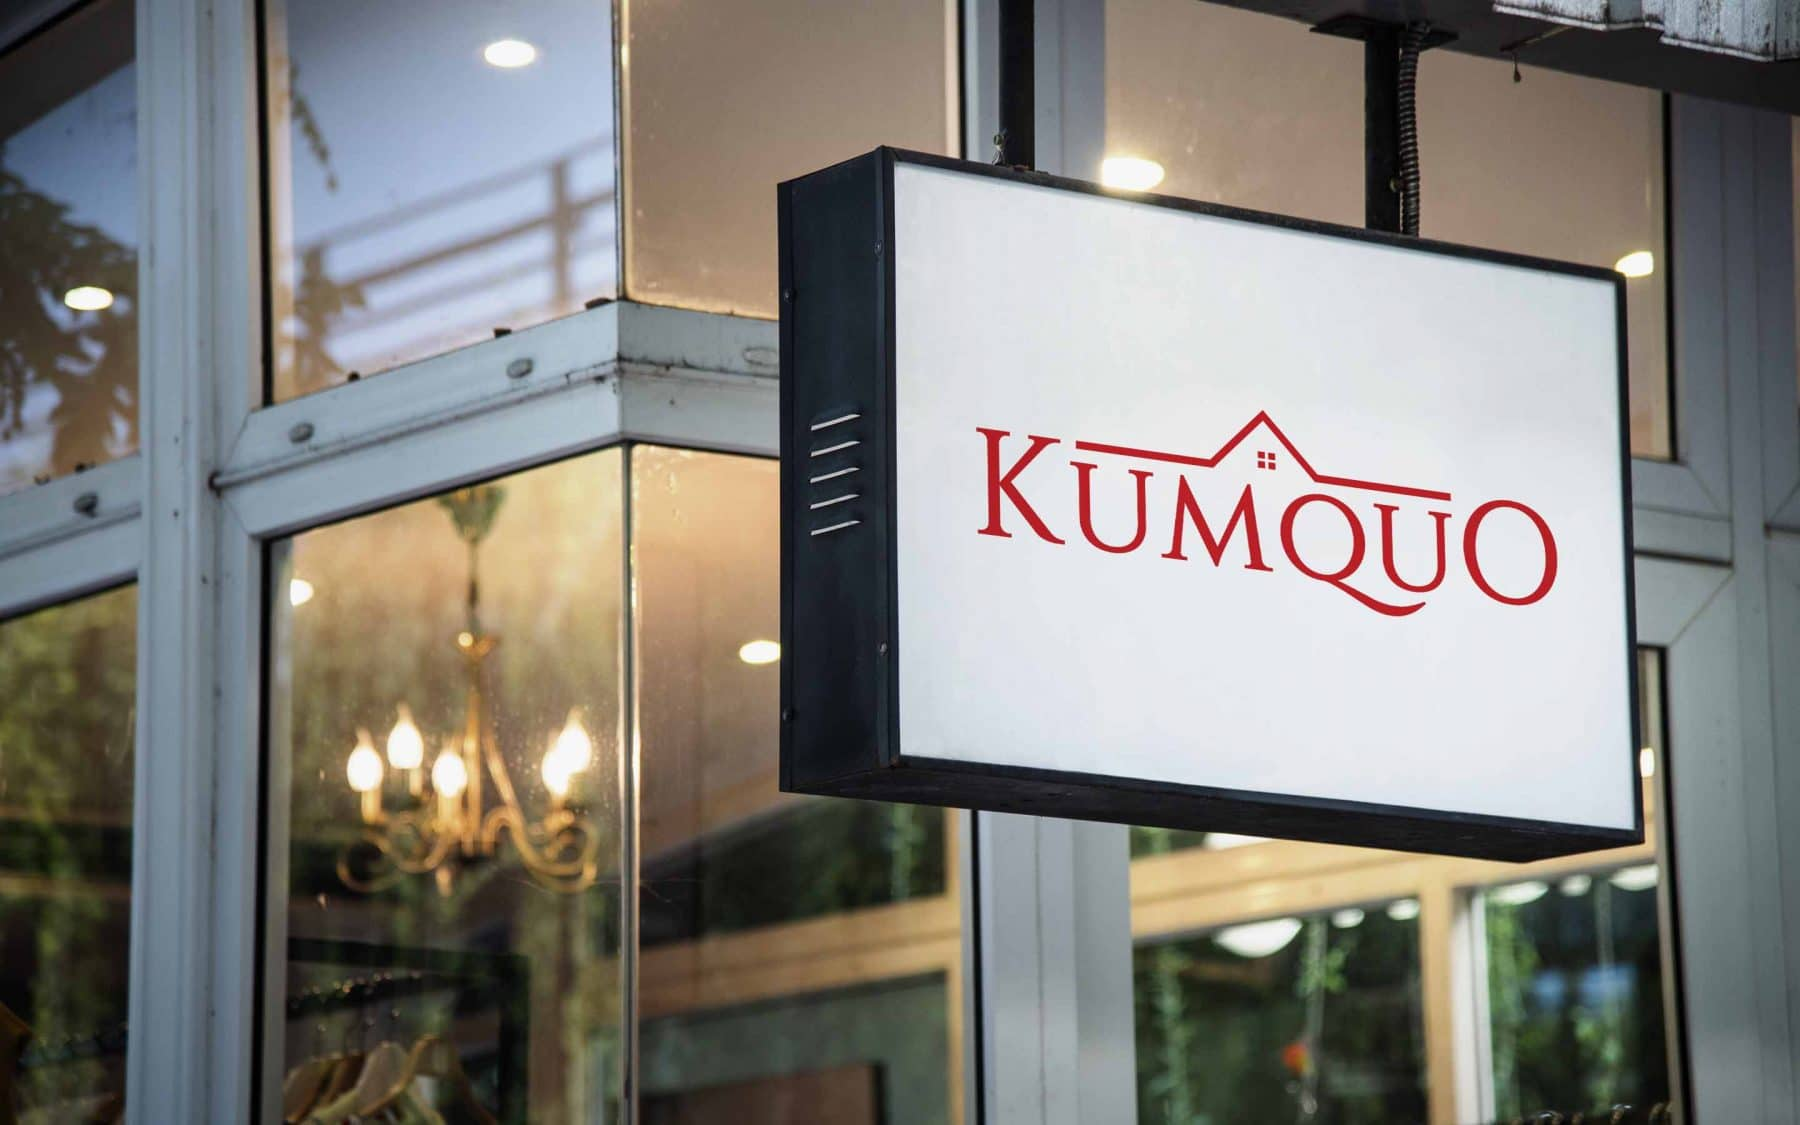 Kumquo 3